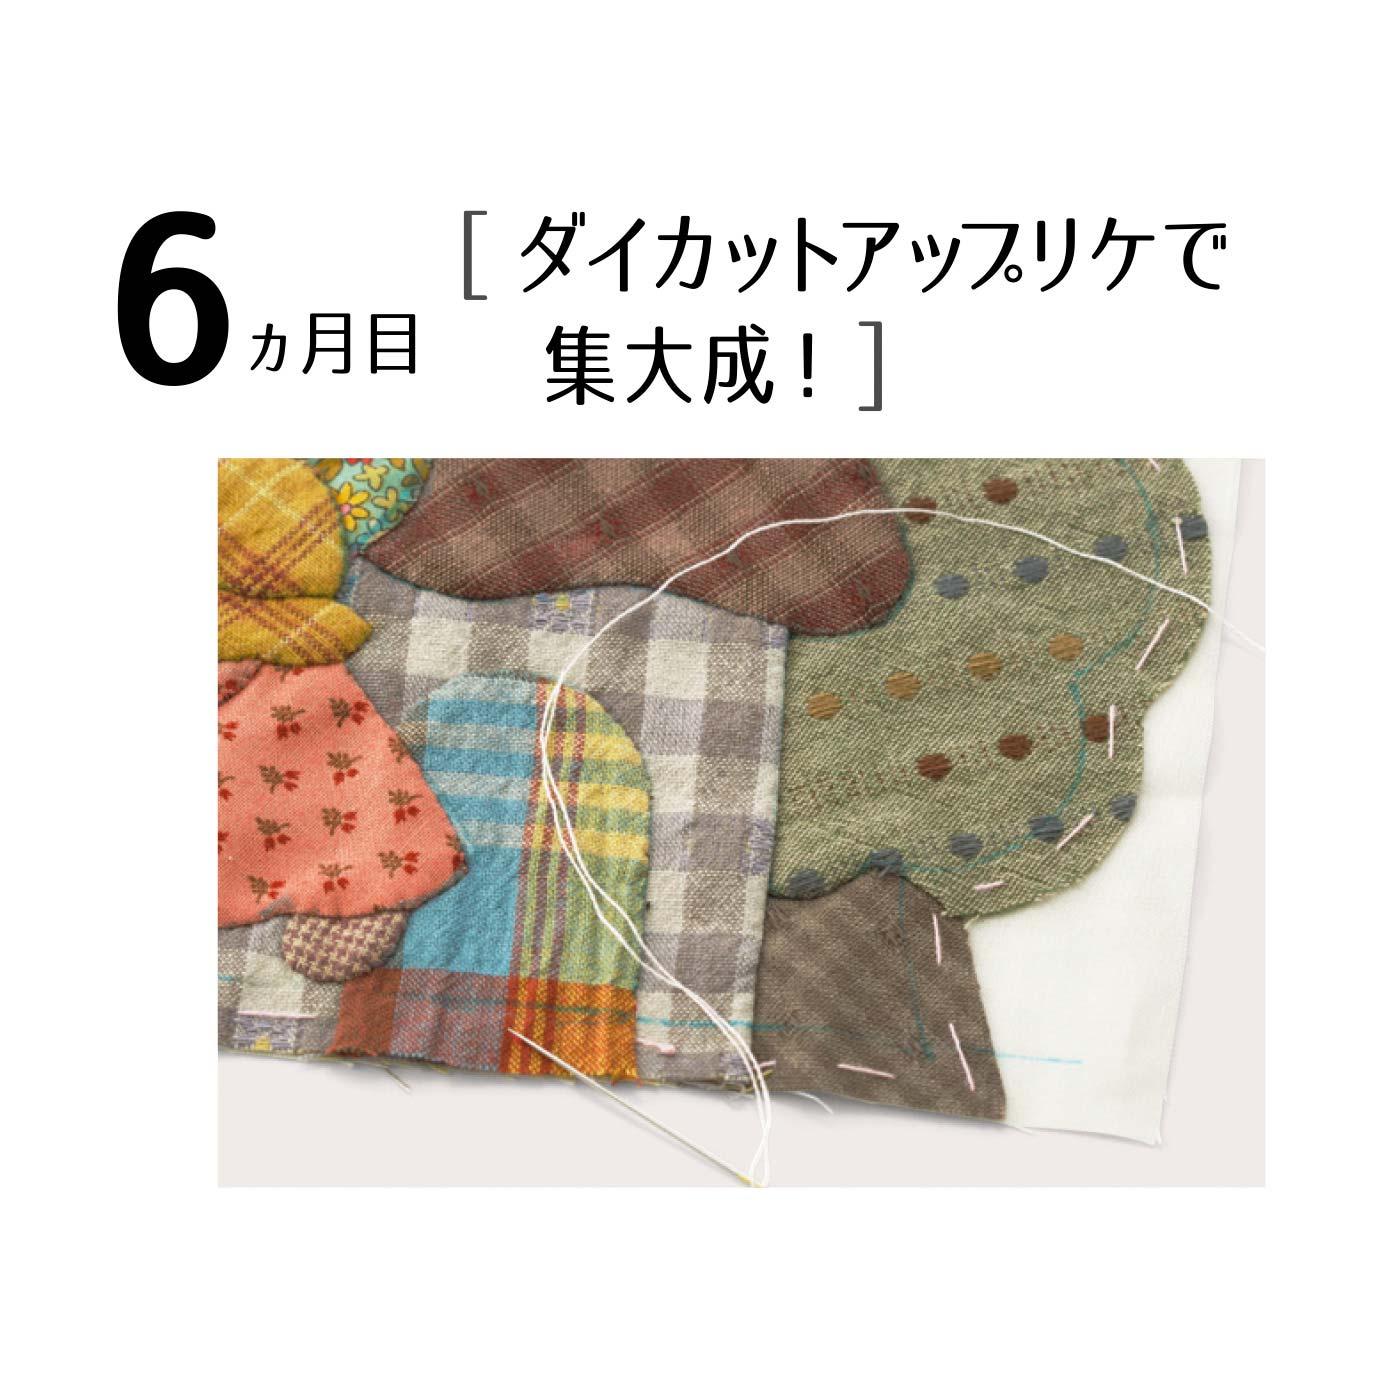 アップリケで背景をシルエット形に仕立てる方法をレッスン。布を重ねて奥行きを表現。